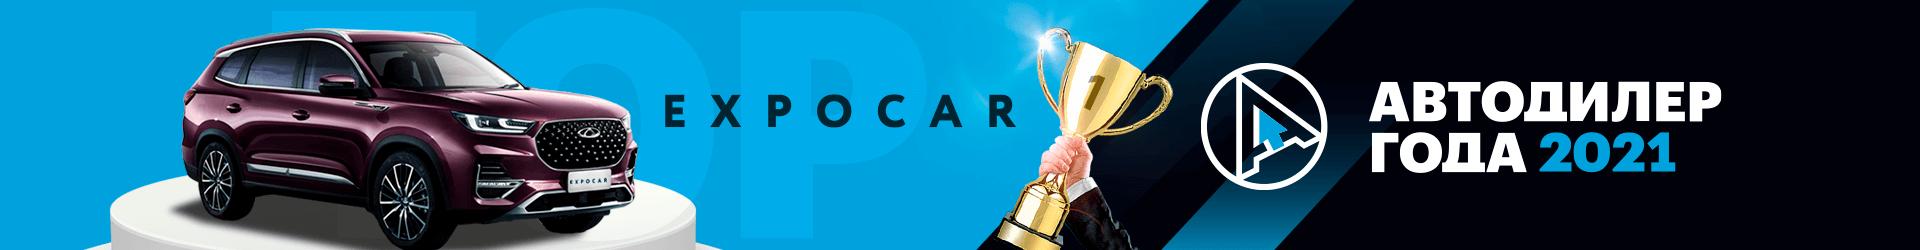 Автомобильный холдинг EXPOCAR стал победителем национальной премии «Автодилер года – 2021»